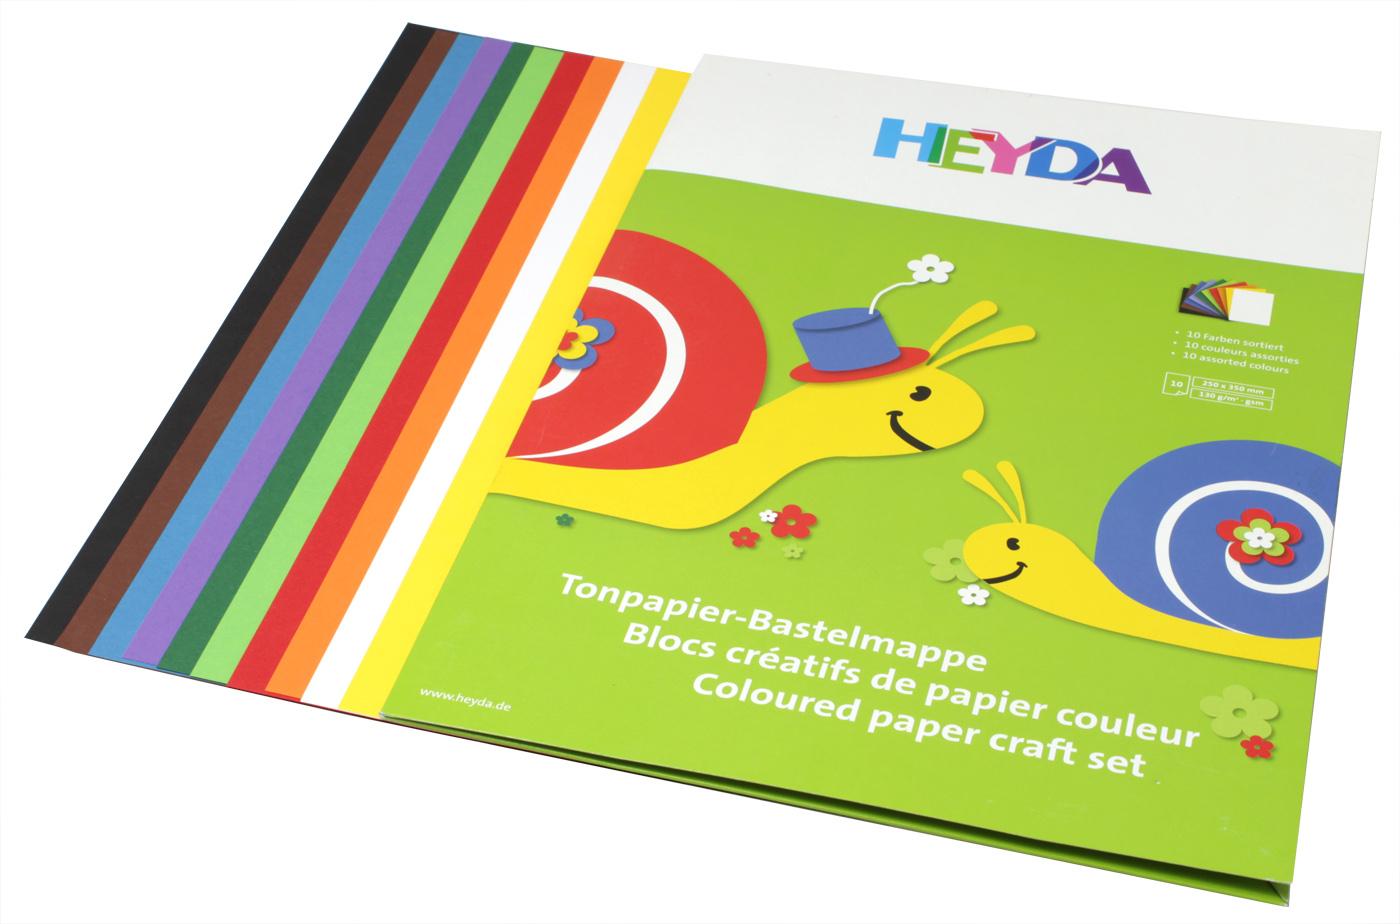 Heyda Цветная бумага 10 листов47732-06\BCD-HeydaНабор цветной бумаги Heyda позволит создавать всевозможные аппликации и поделки. Набор включает 10 листов цветной бумаги размера 25 см х 25 см. Создание поделок из цветного бумаги позволяет ребенку развивать творческие способности, кроме того, это увлекательный досуг.